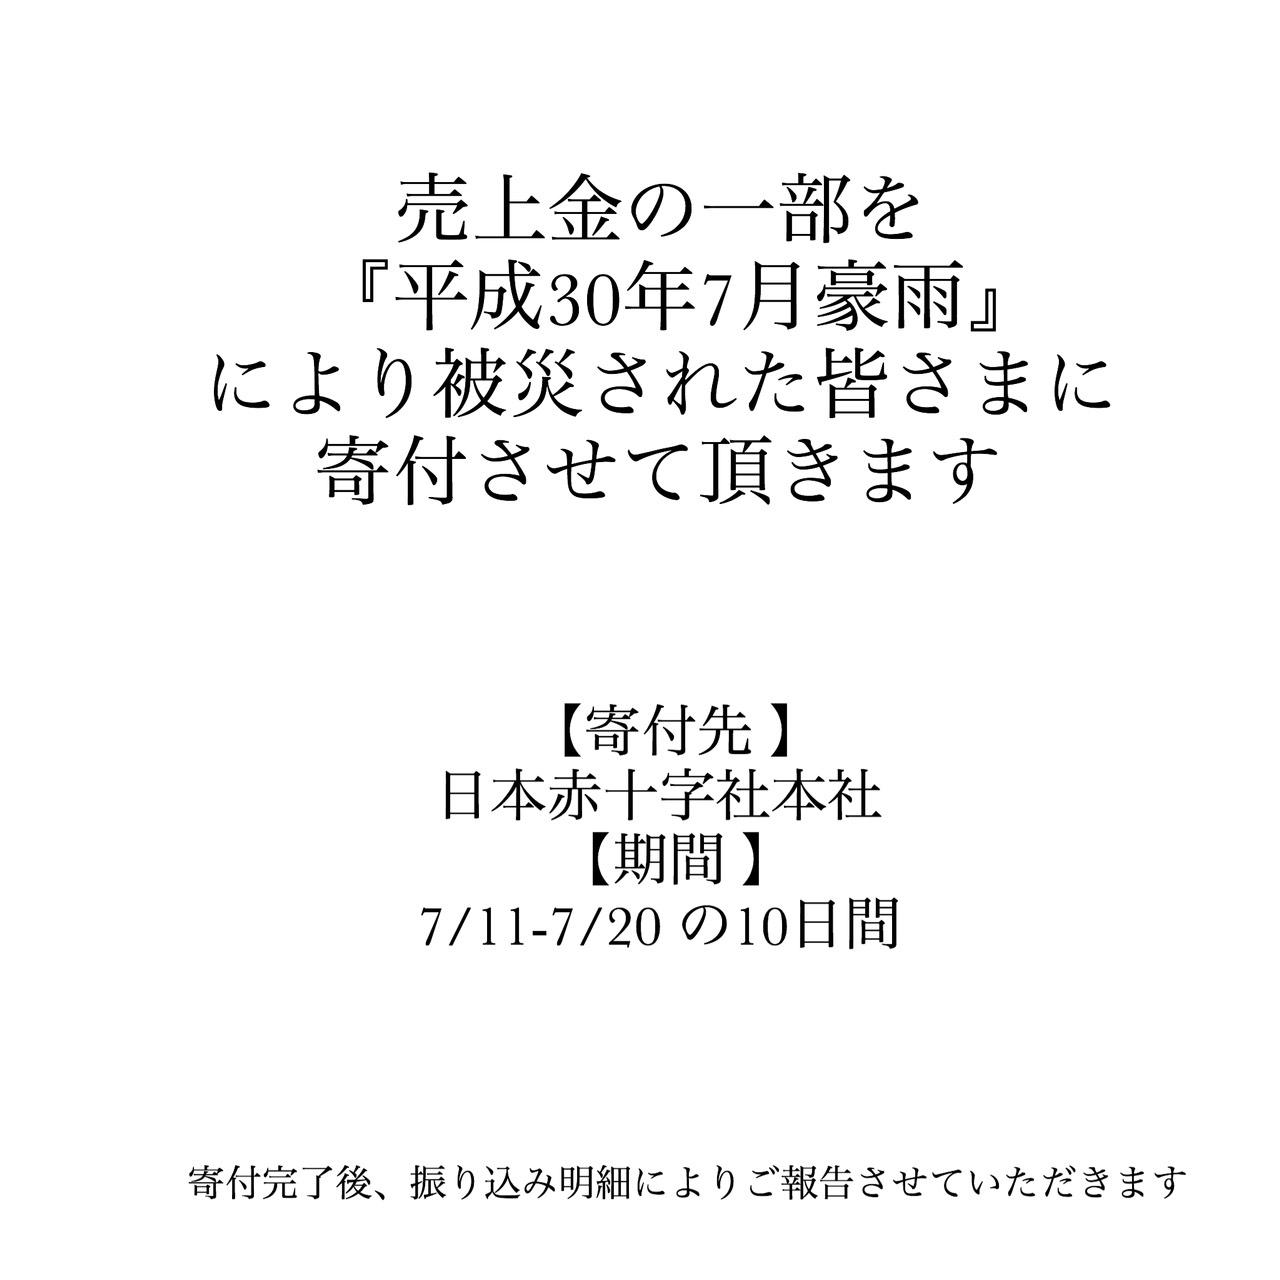 【ショップよりご報告】